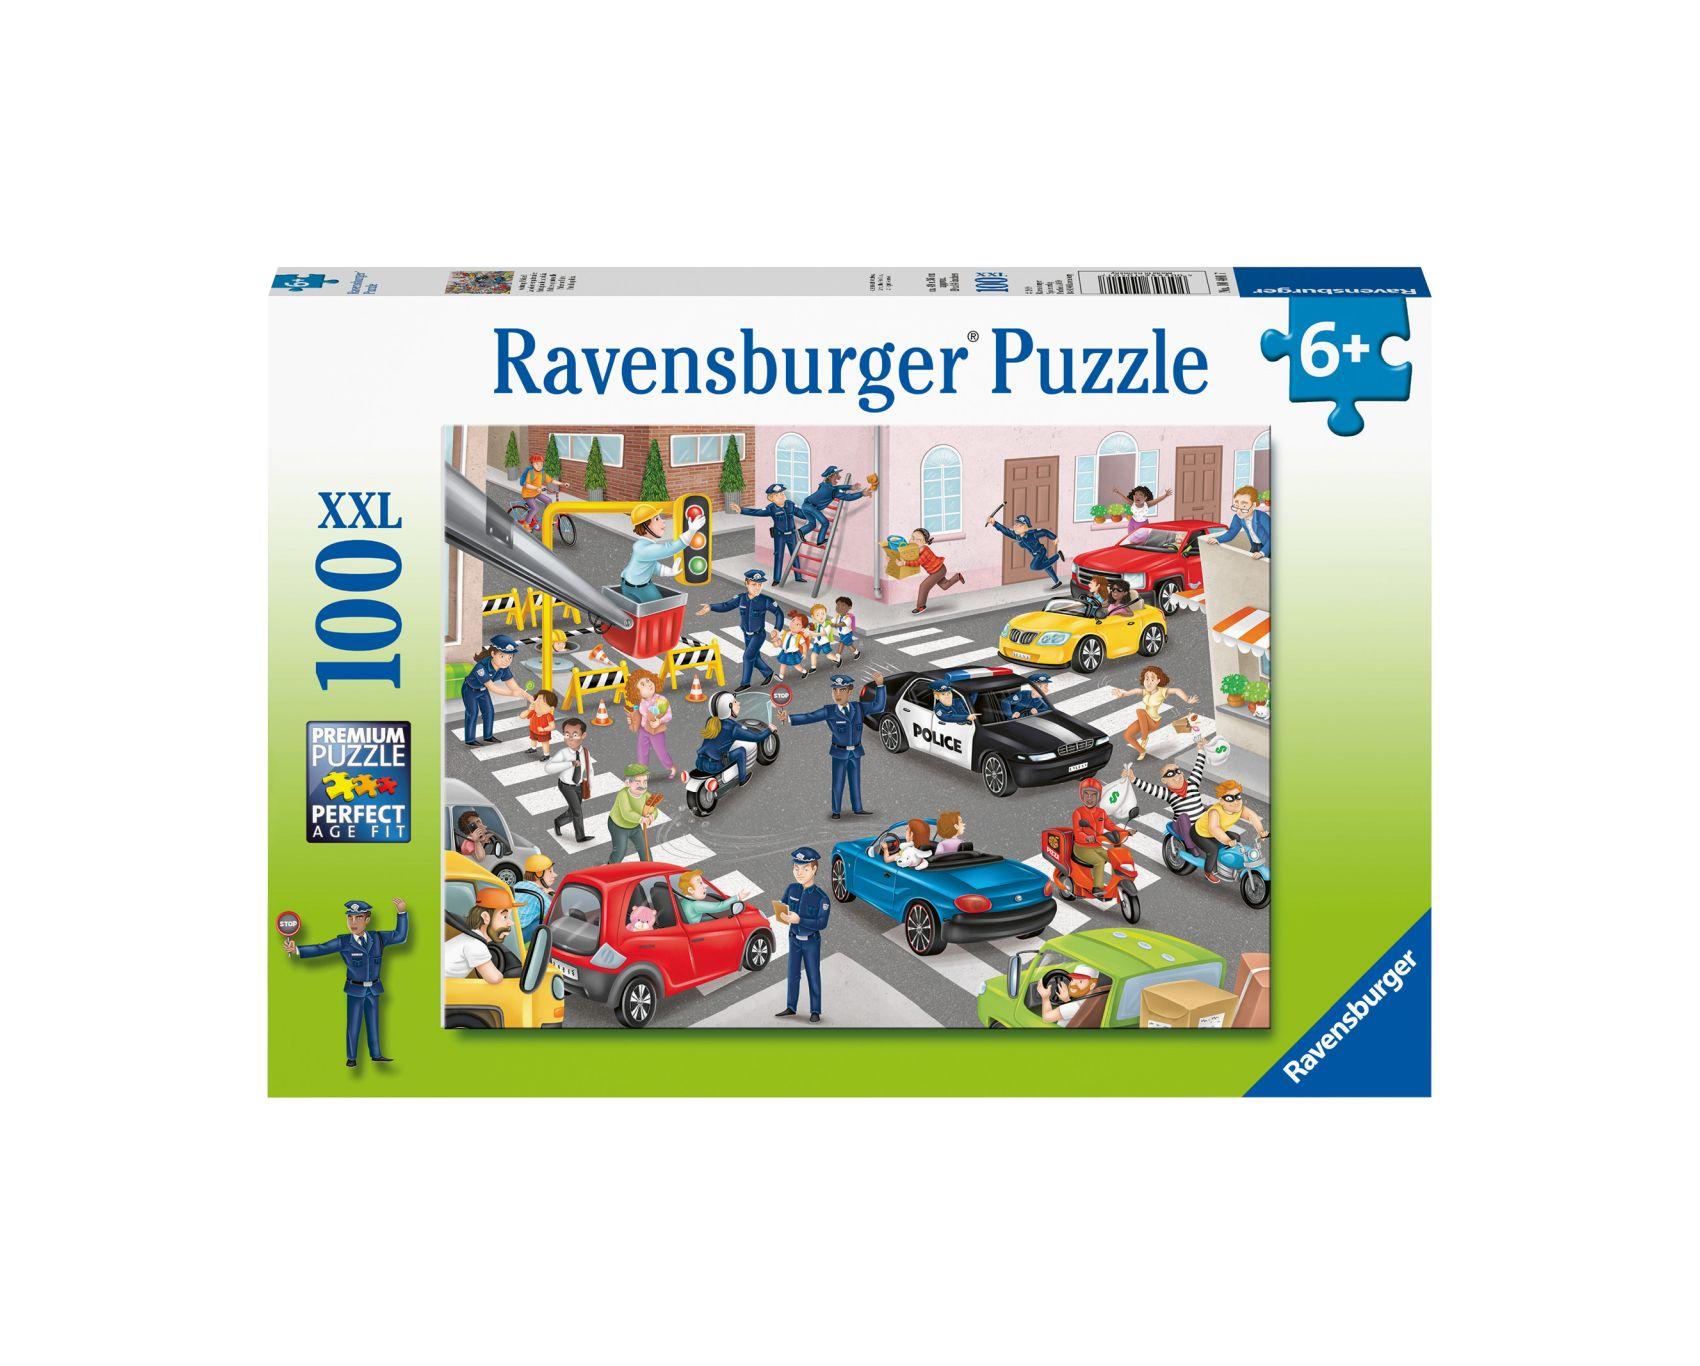 Ravensburger puzzle 100 pezzi xxl - pattuglia della polizia -